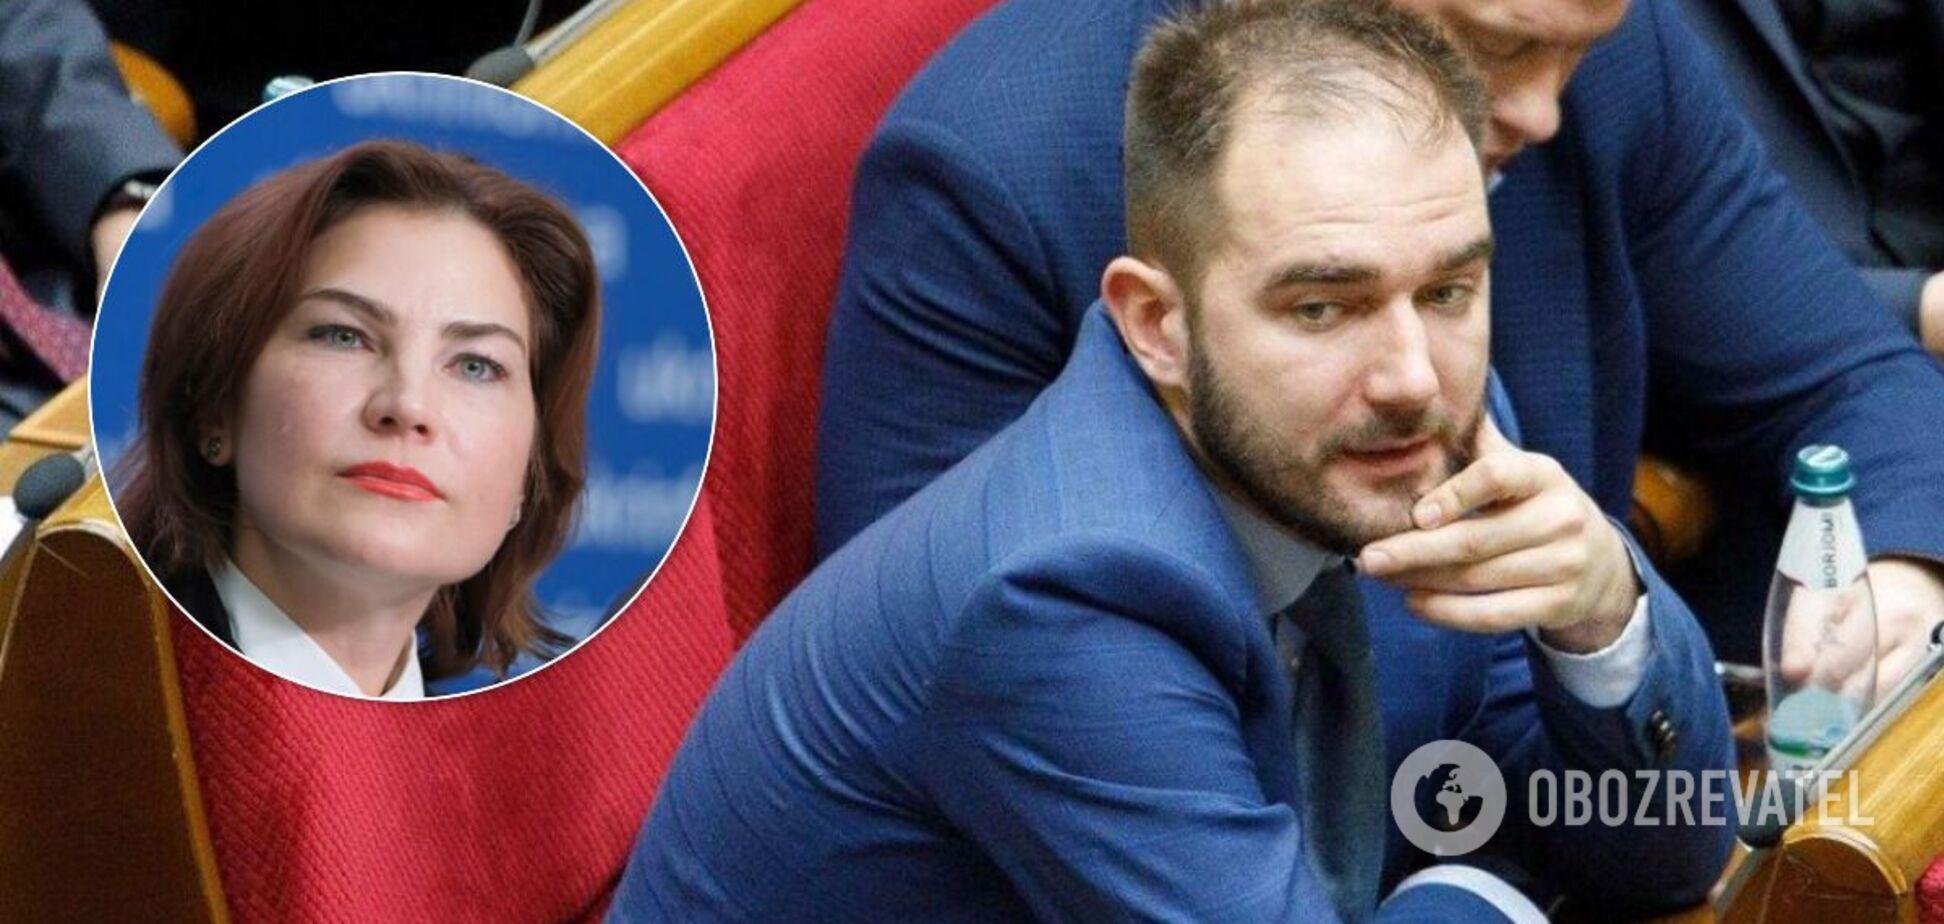 Венедіктова відмовилася підписувати підозру нардепові Юрченку, – Береза